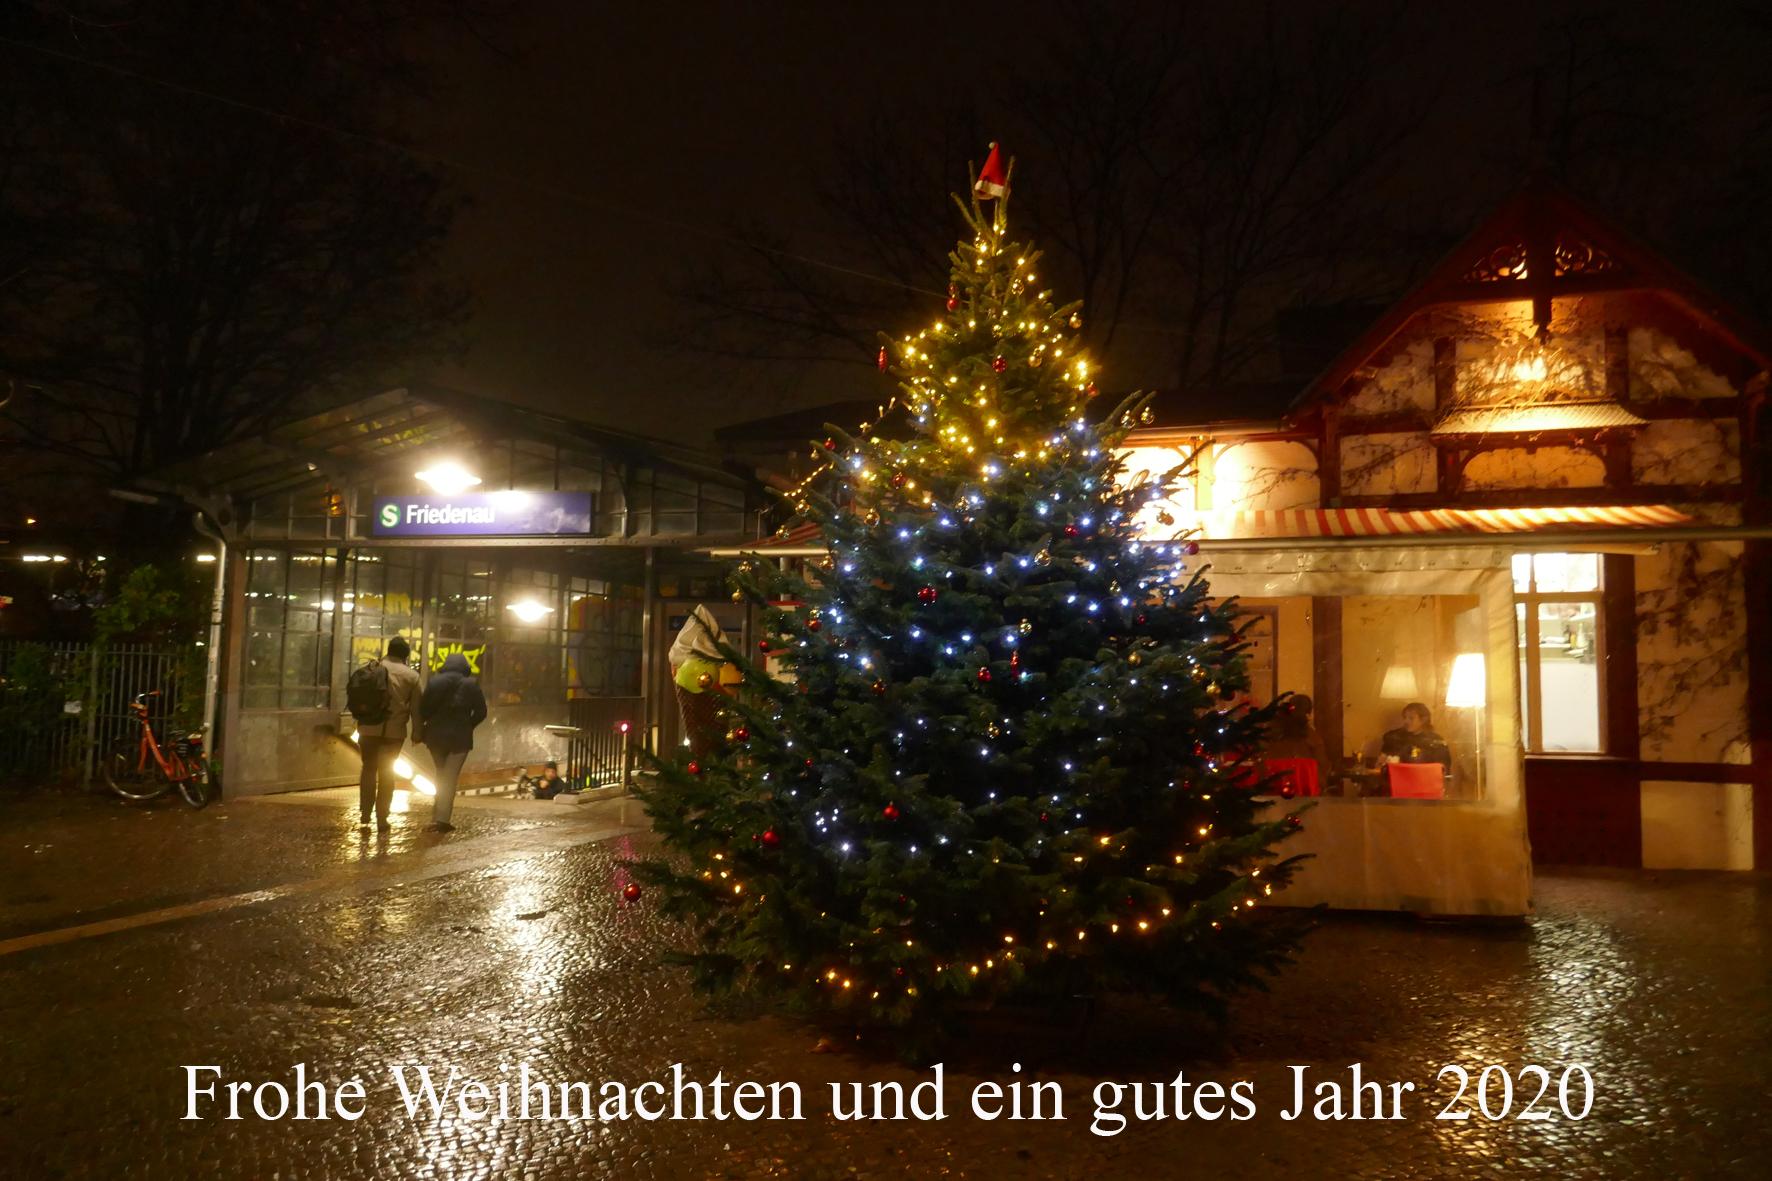 Weihnachtsbaum in Friedenau: Frohe Weihnachtstage und ein gutes Jahr 2020